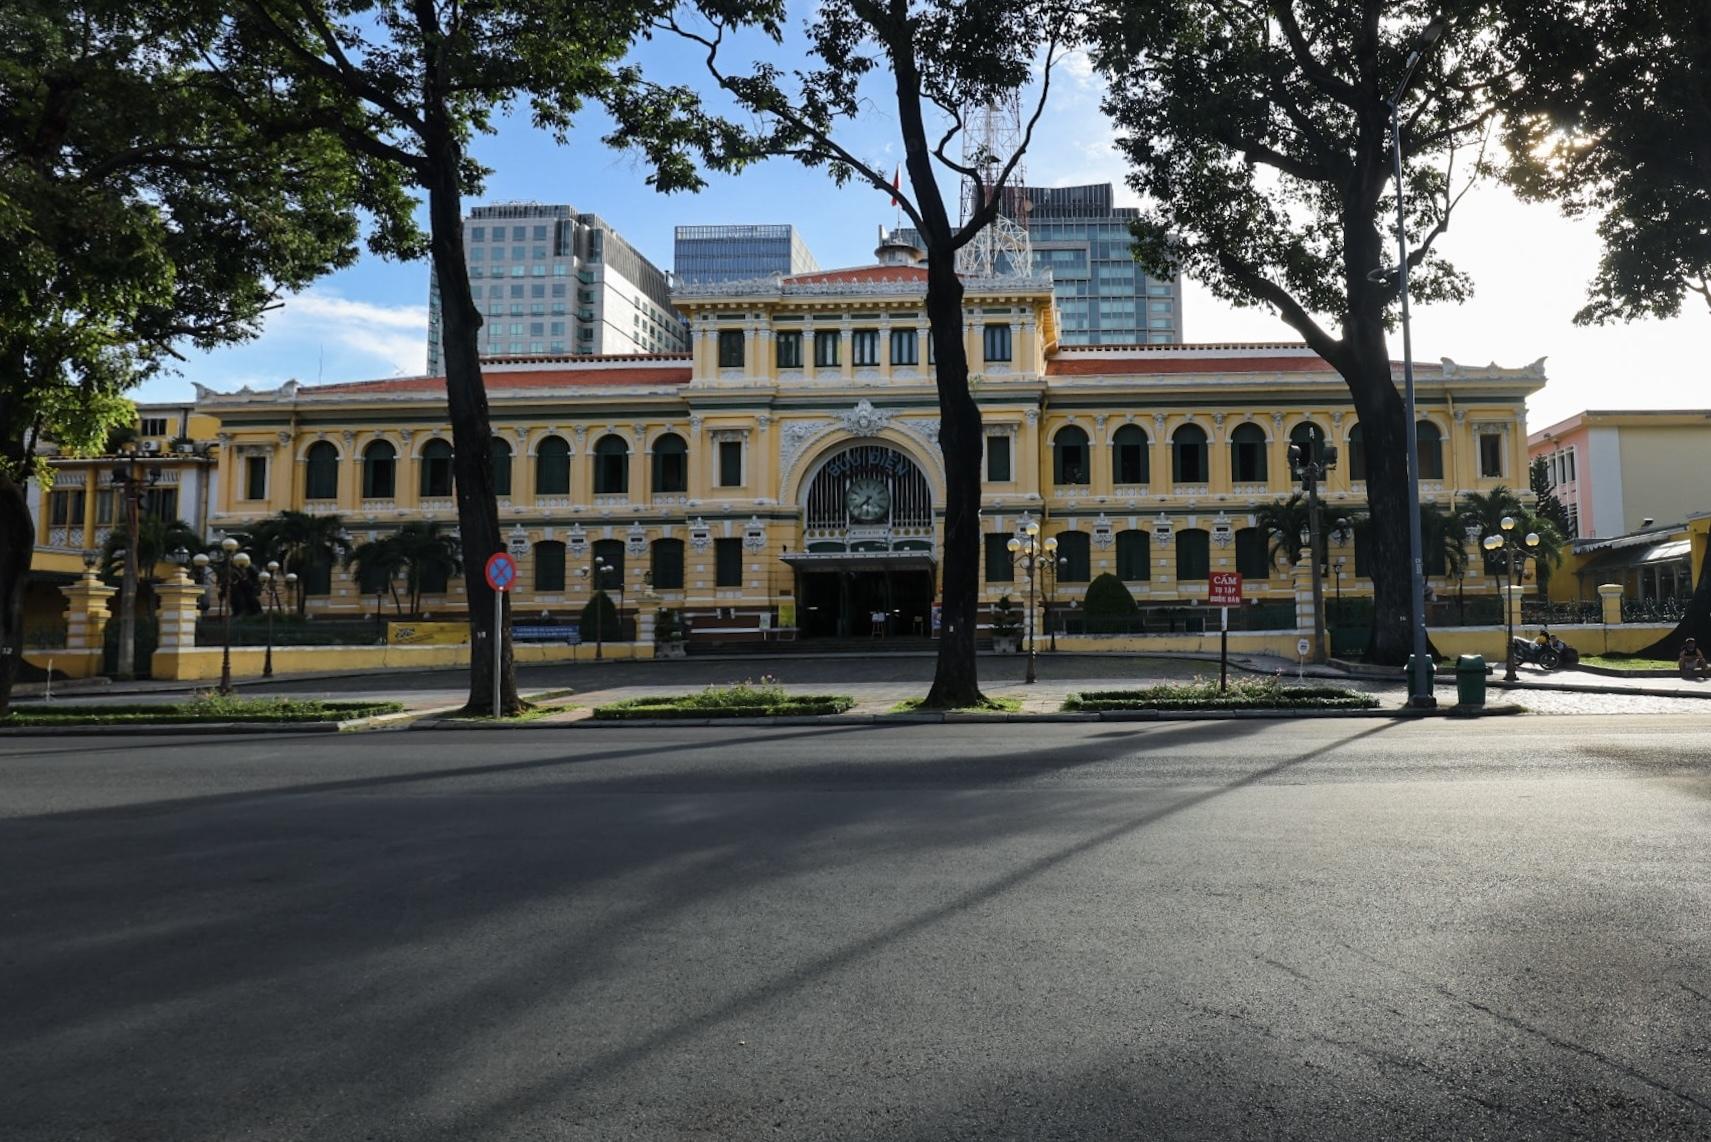 Phía trước bưu điện thành phố trong những ngày giãn cách. Ảnh: Ngô Trần Hải An.